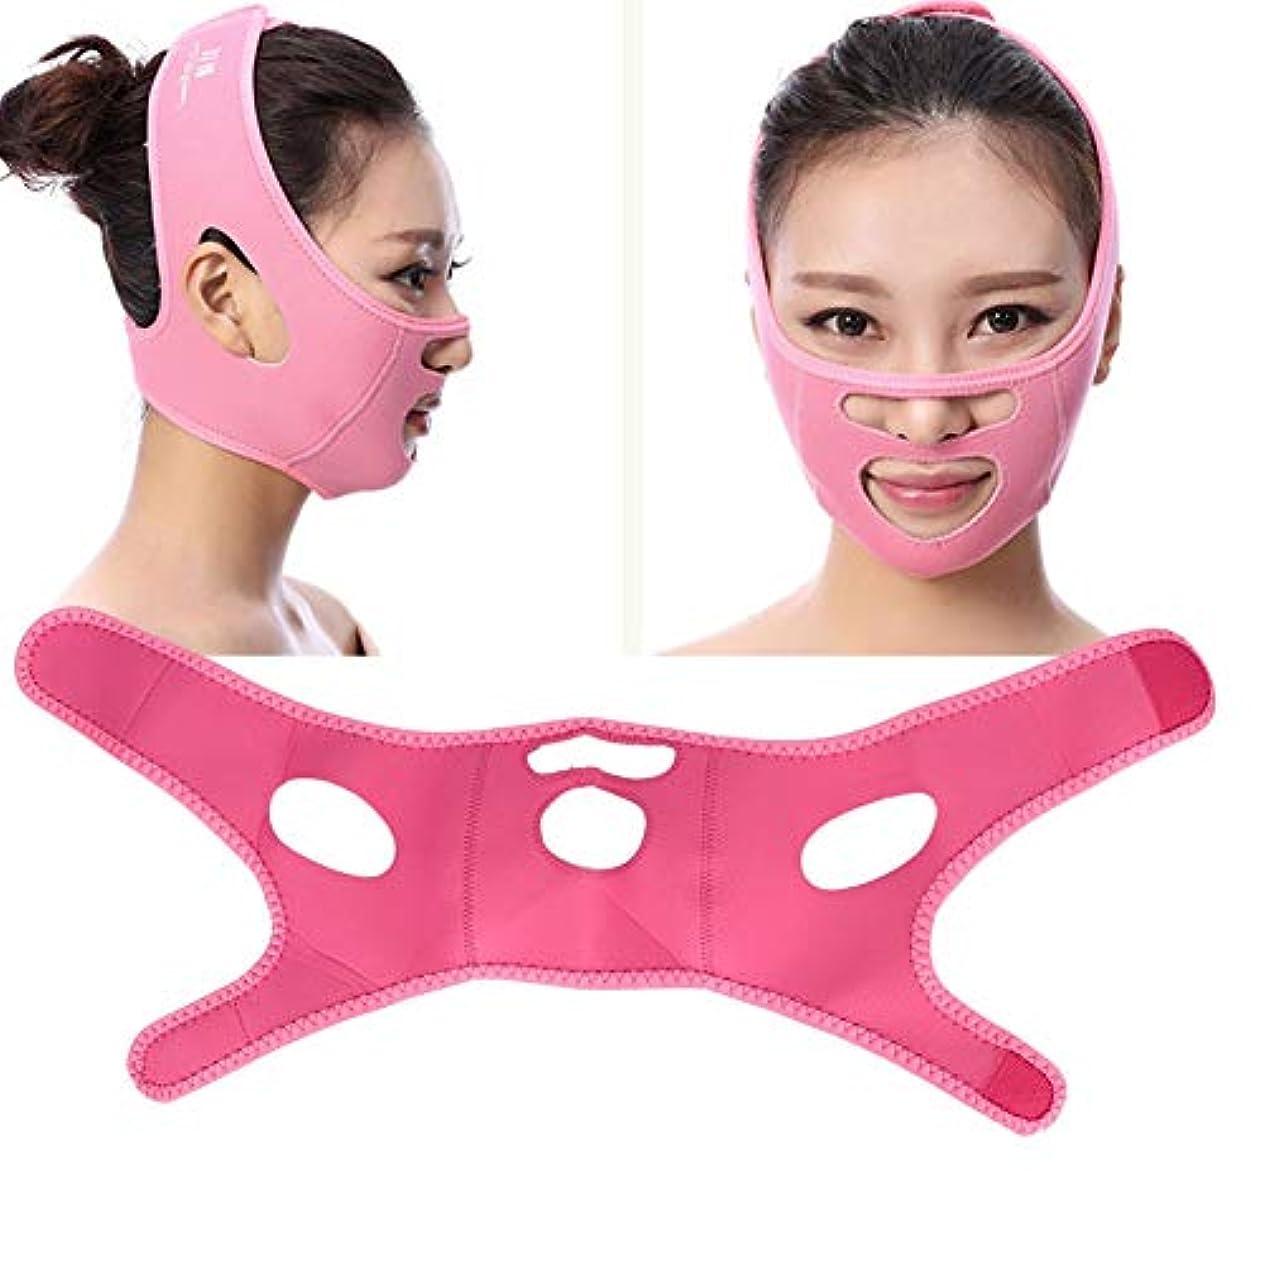 化石ベテランクラブスリミングマスク - V字型マスク、フェイスマスクV型 - 首とあごを持ち上げるため、アンチエイジング、しわを軽減